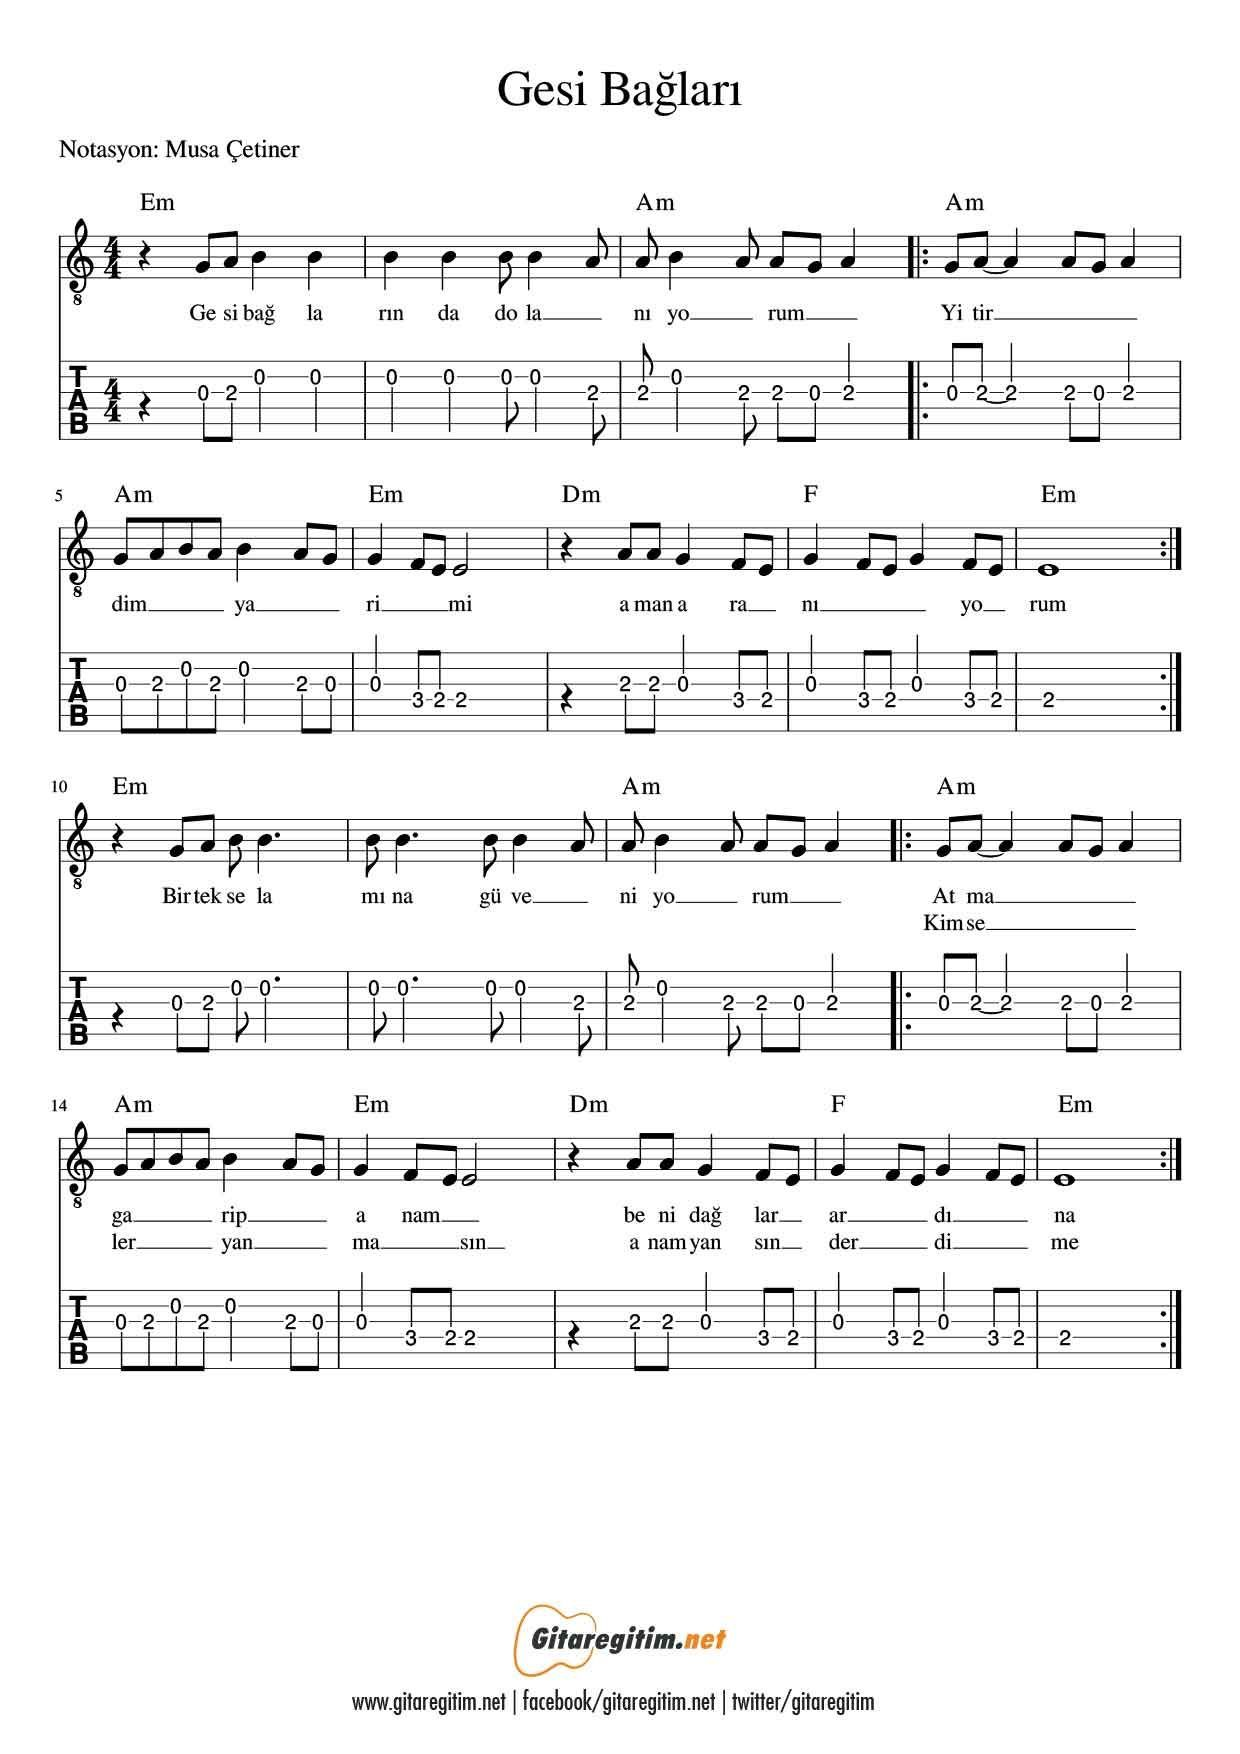 Gesi Baglari Nota Tab Pianomusic Guitar Tabs Songs